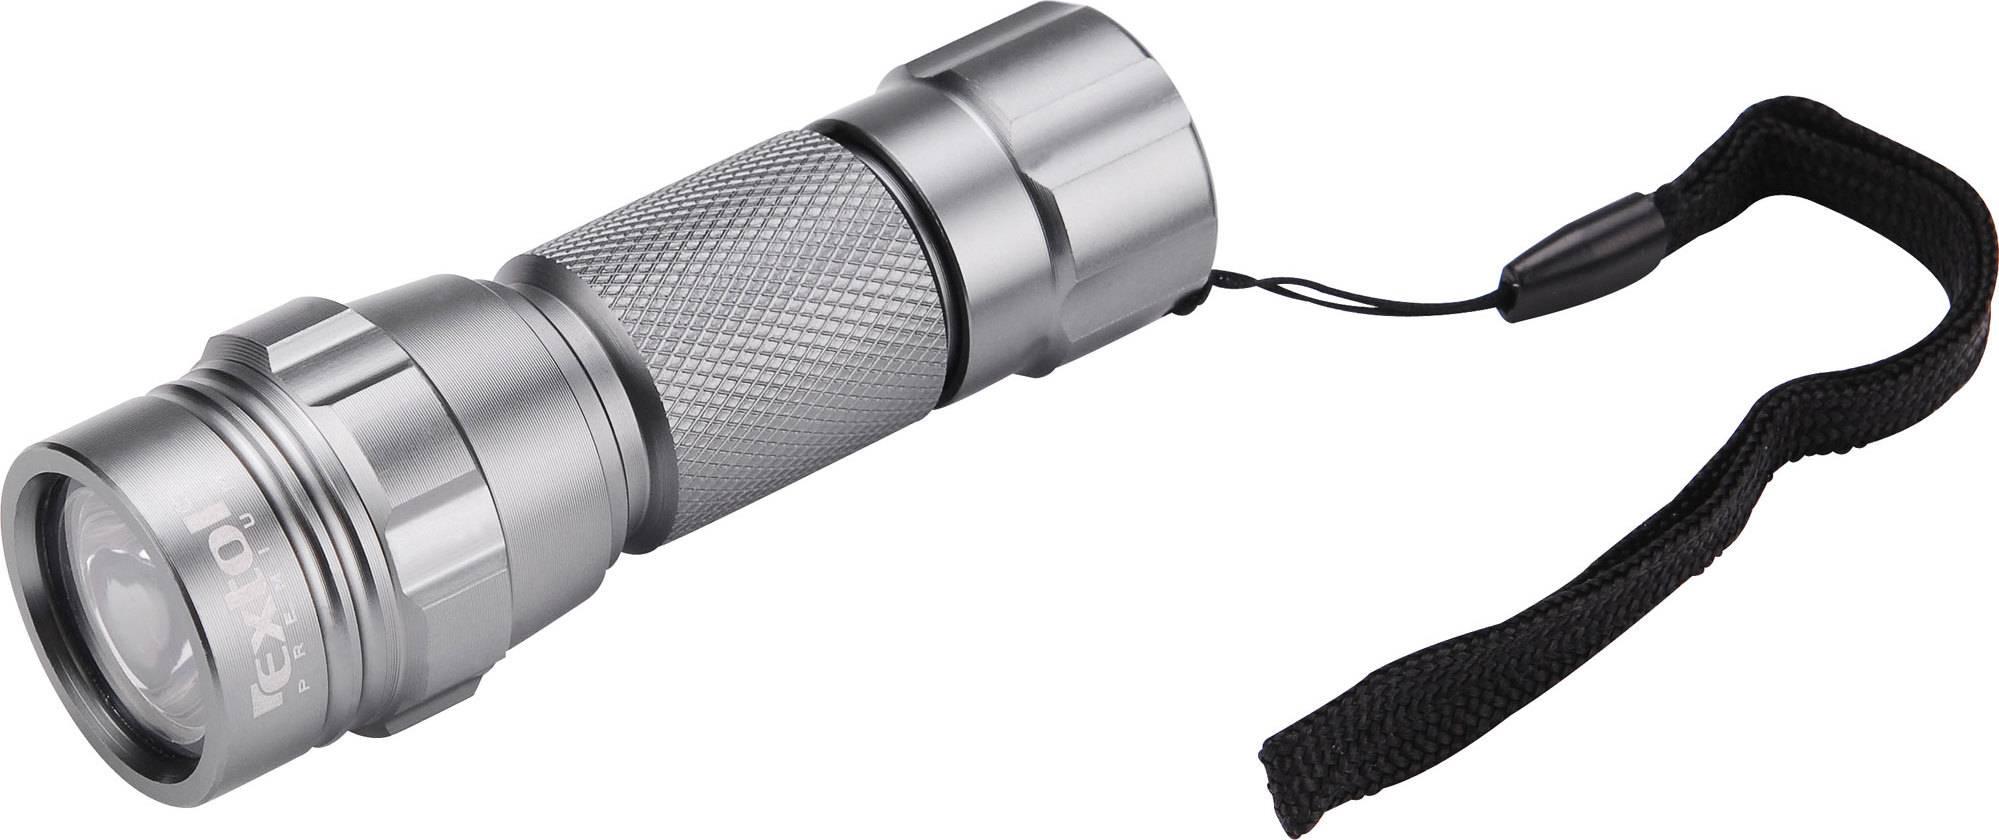 svítilna LED, celokovová, MINI, LED dioda, (30 000mcd), hliník 8862111 EXTOL PREMIUM